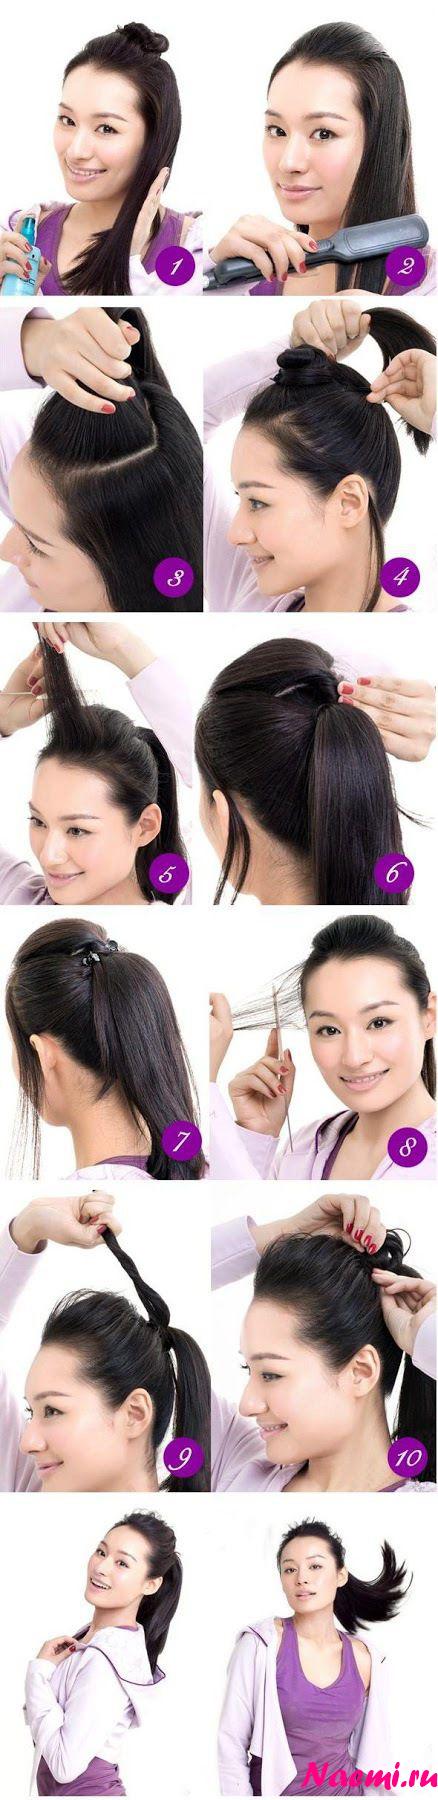 красивые косички на длинные волосы в домашних условиях фото пошаговые инструкции